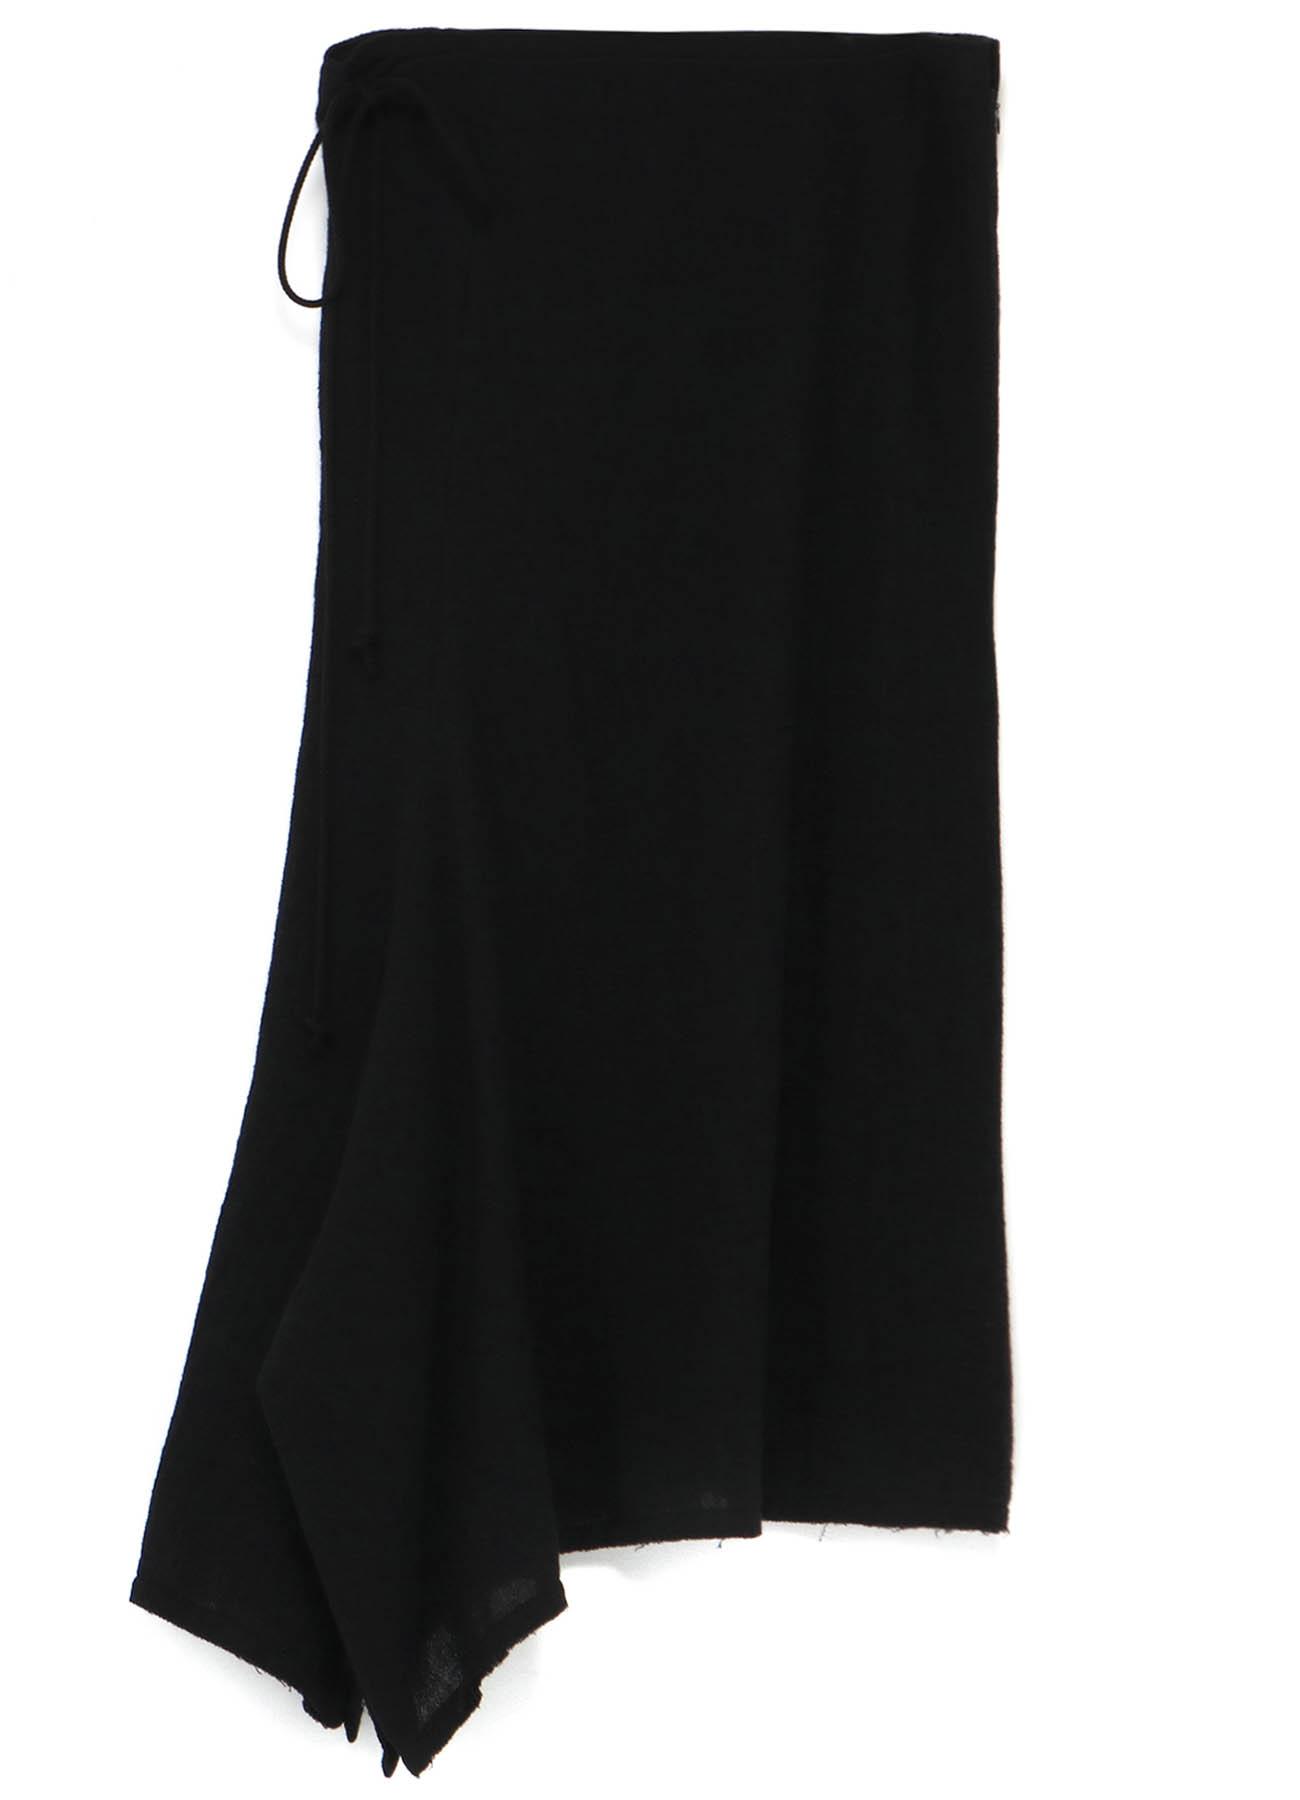 Wool Gauze Side Gathar Skirt